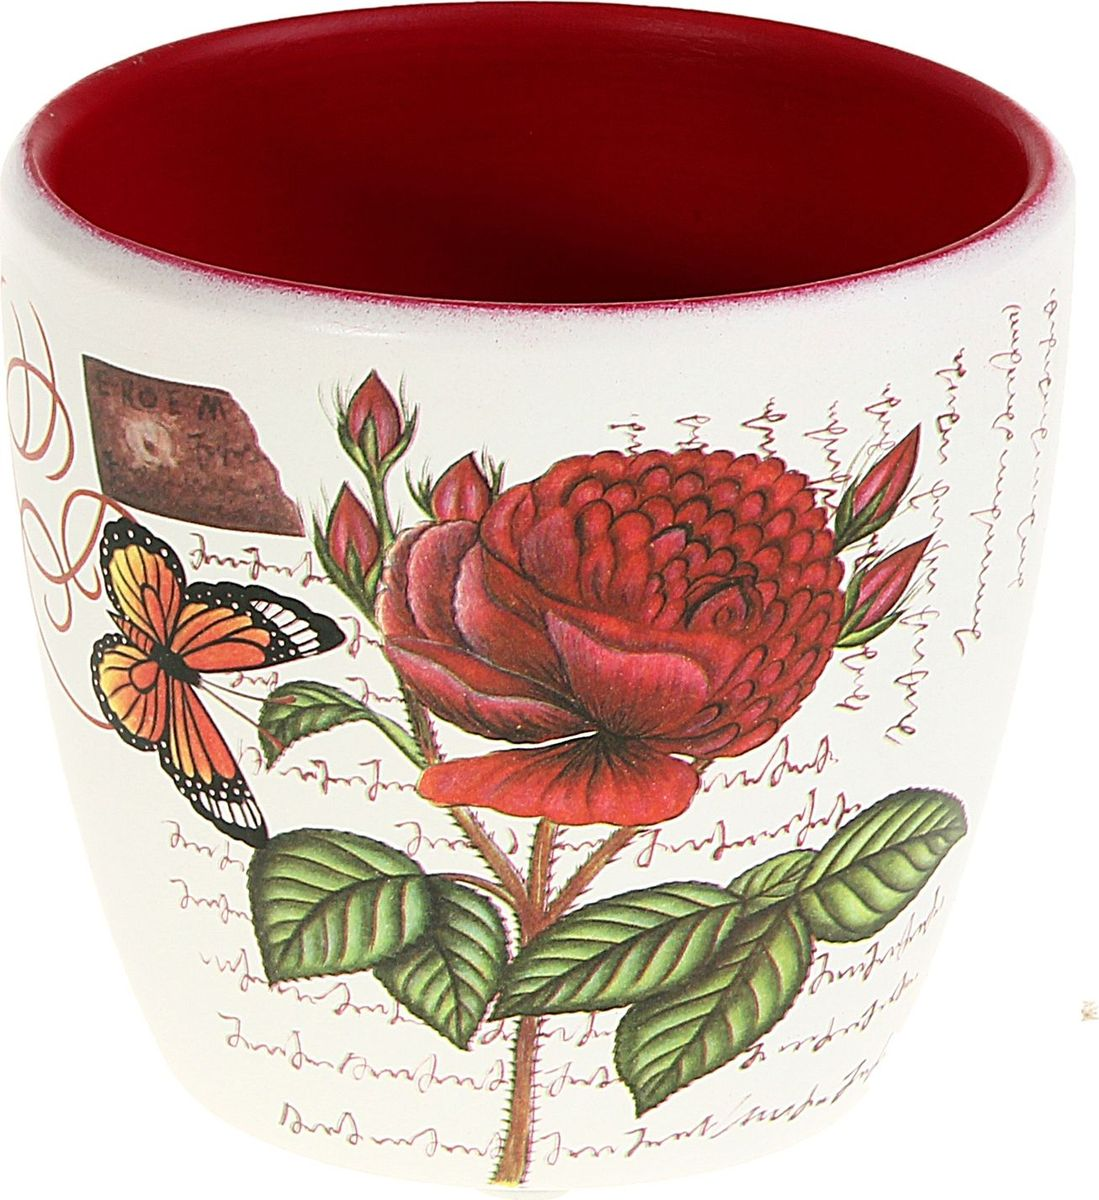 Кашпо Роза, цвет: белый, красный, 7 х 10 х 9 см829777Комнатные растения — всеобщие любимцы. Они радуют глаз, насыщают помещение кислородом и украшают пространство. Каждому из них необходим свой удобный и красивый дом. Кашпо из керамики прекрасно подходят для высадки растений: за счёт пластичности глины и разных способов обработки существует великое множество форм и дизайновпористый материал позволяет испаряться лишней влагевоздух, необходимый для дыхания корней, проникает сквозь керамические стенки! #name# позаботится о зелёном питомце, освежит интерьер и подчеркнёт его стиль.